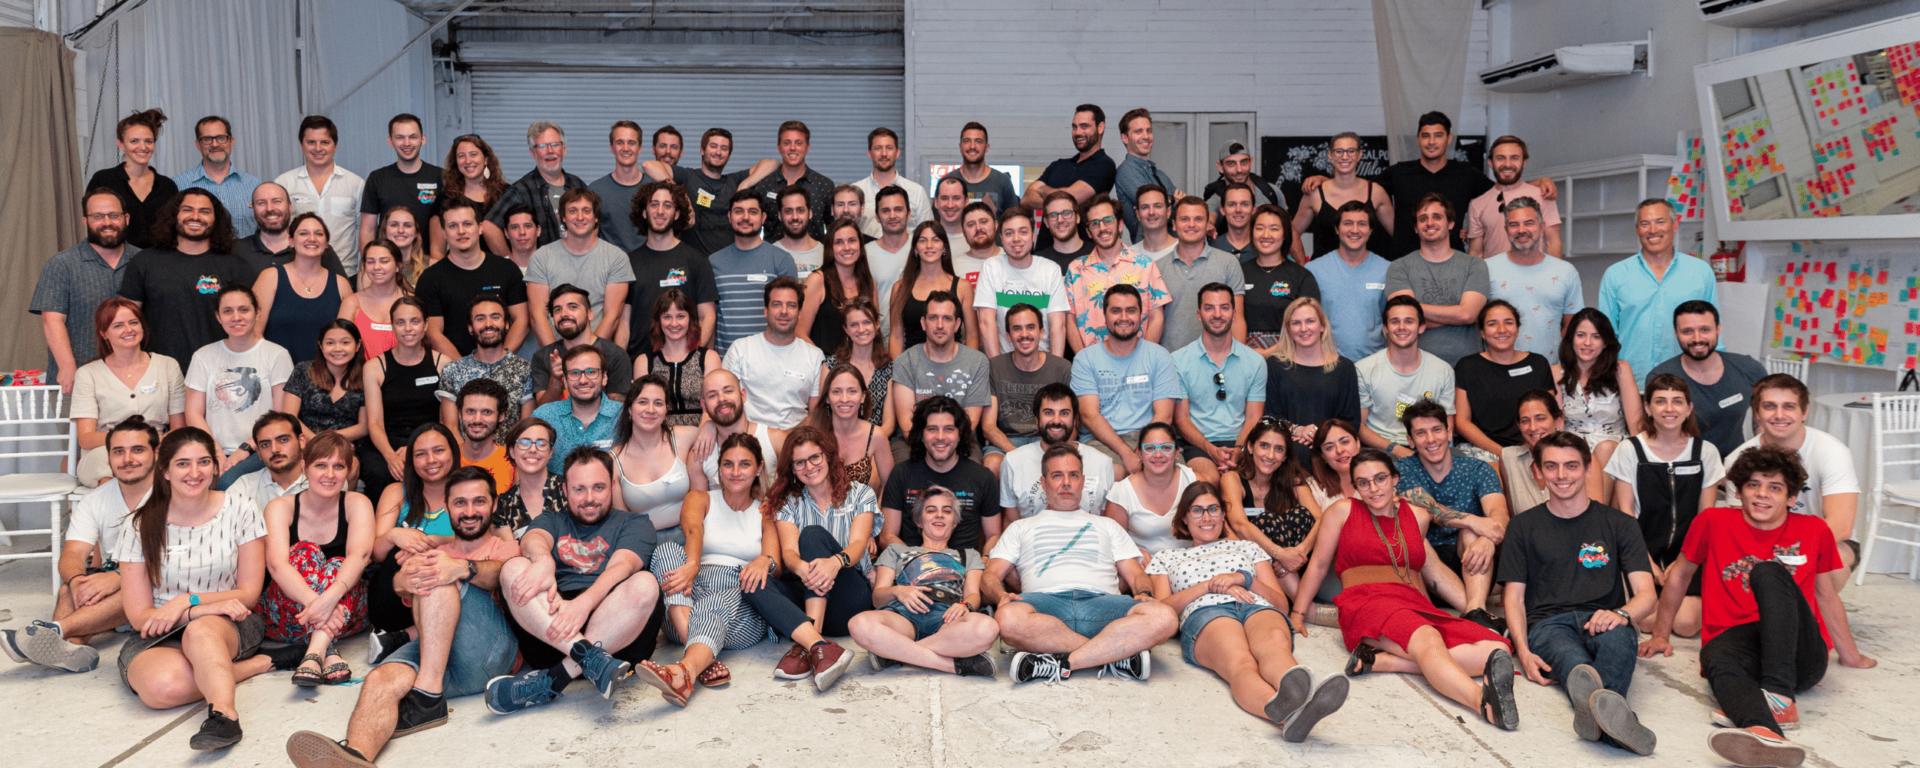 Mural.com team